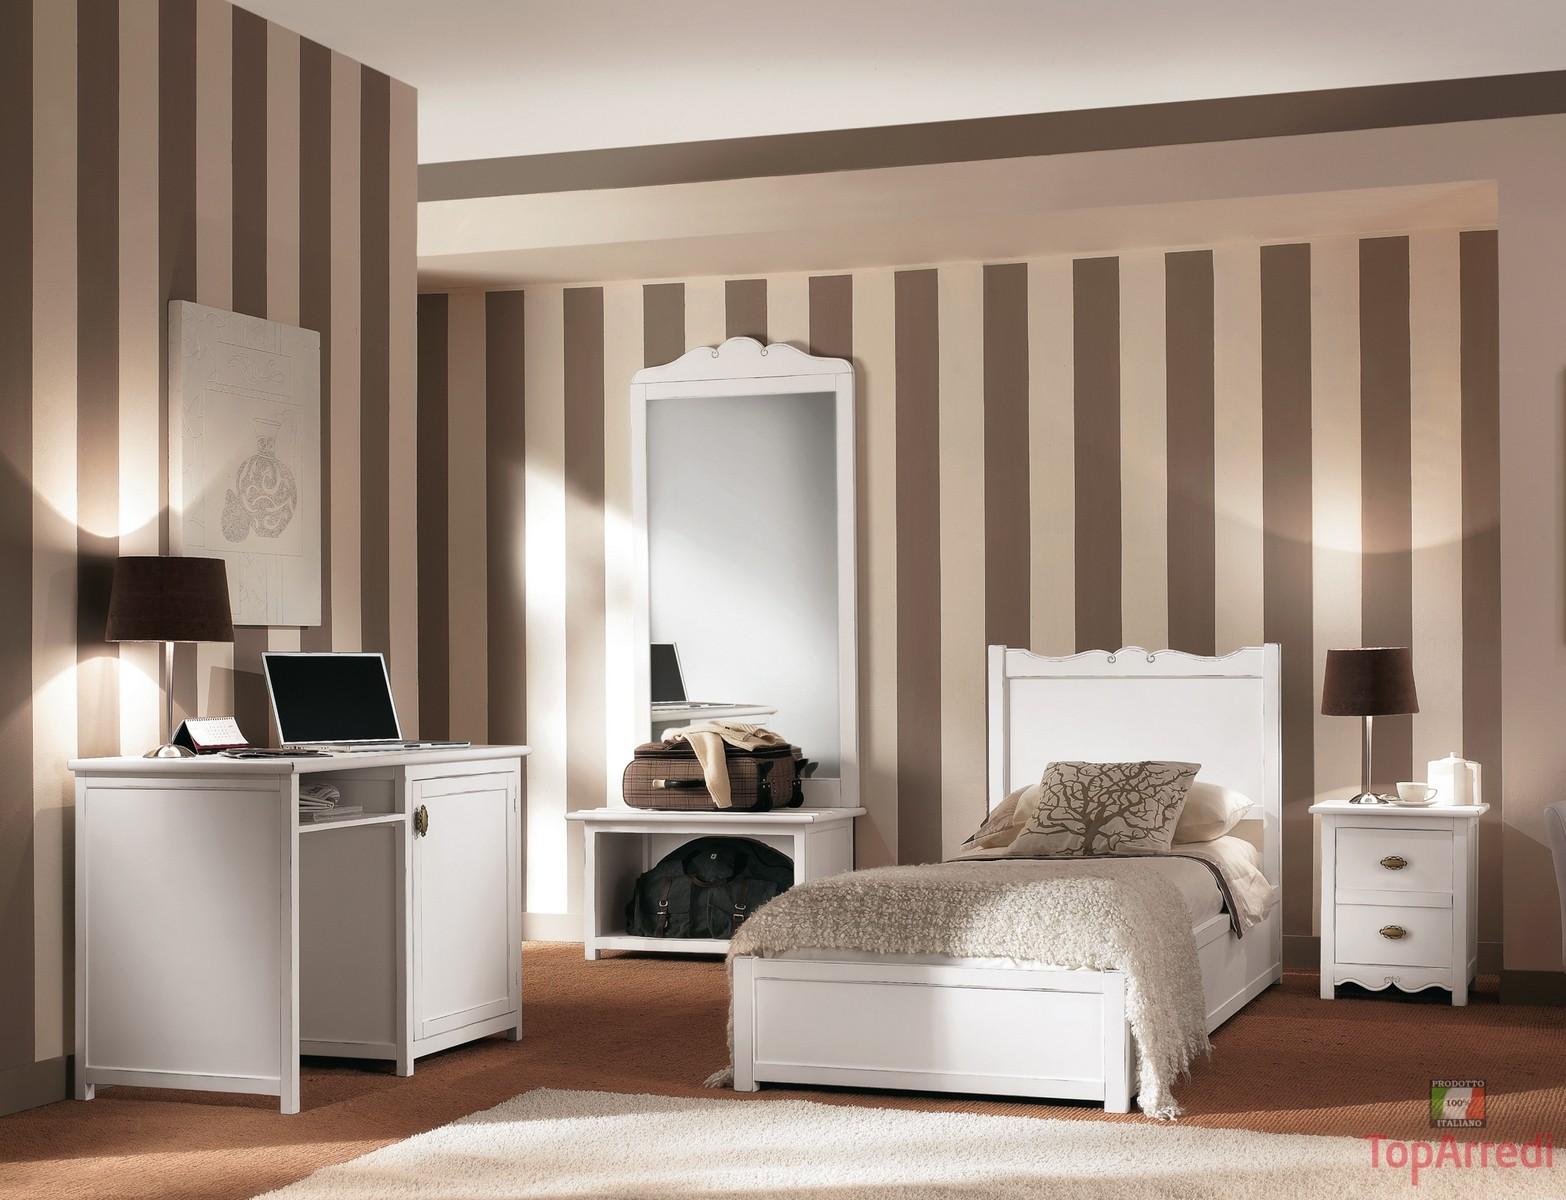 Arredamento e mobili online camere da letto country luce for Camere da letto on line